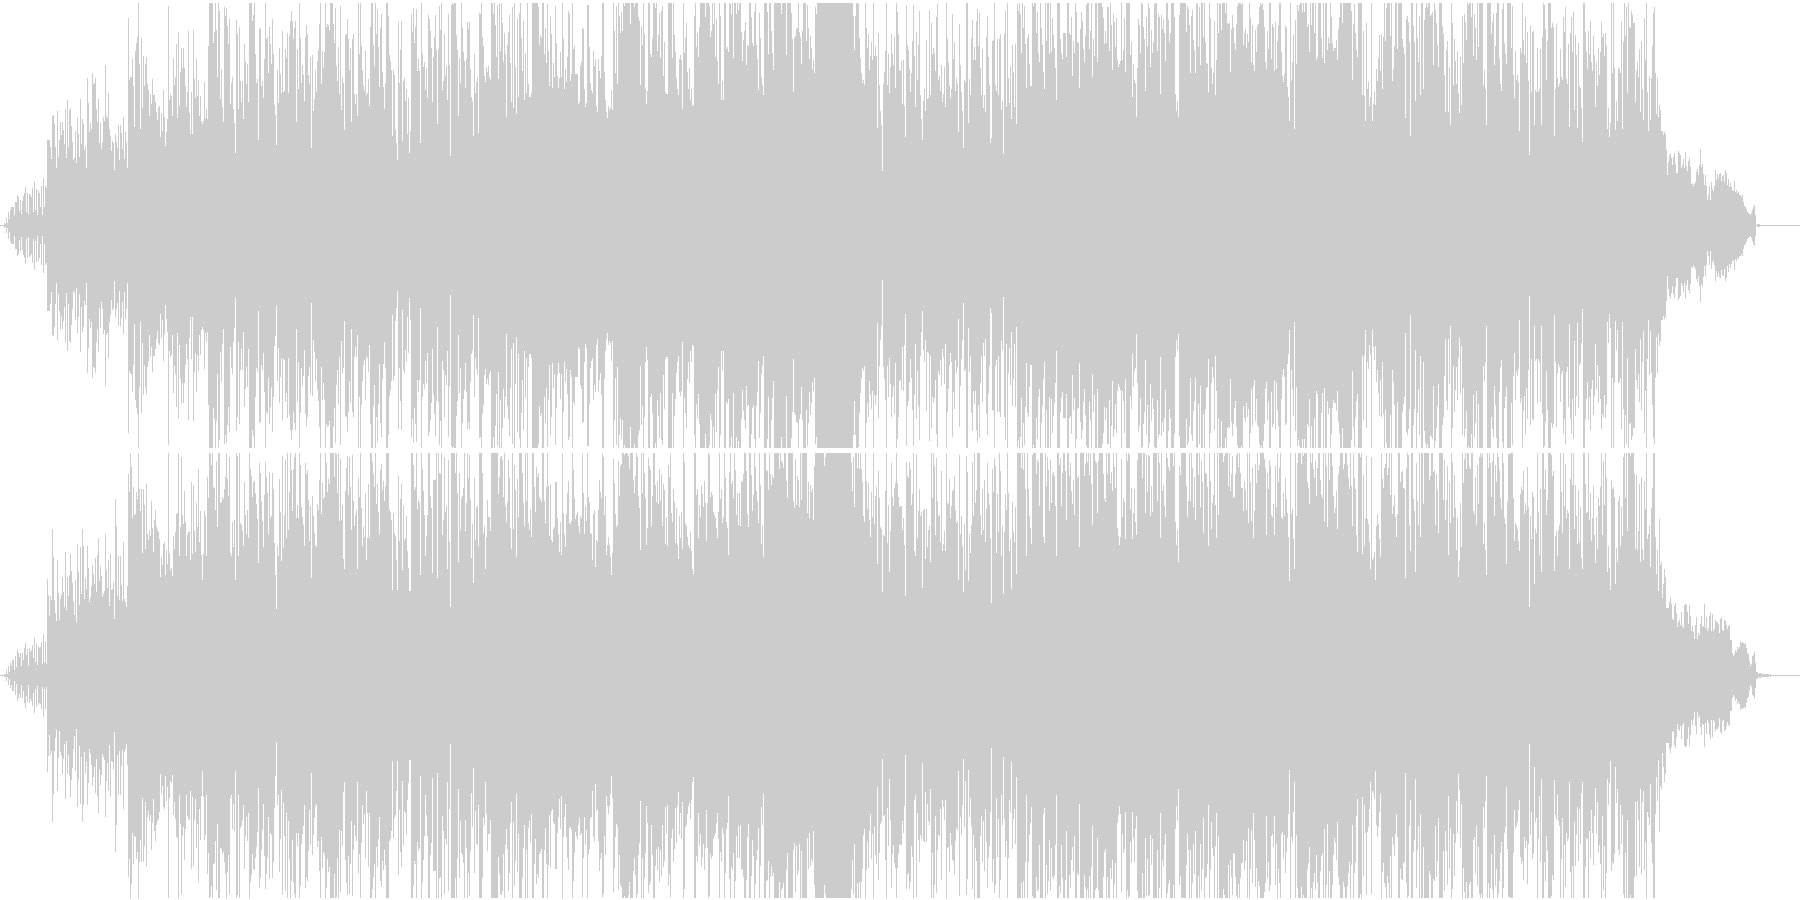 ヘリコプターでワイルドに登場する曲の未再生の波形